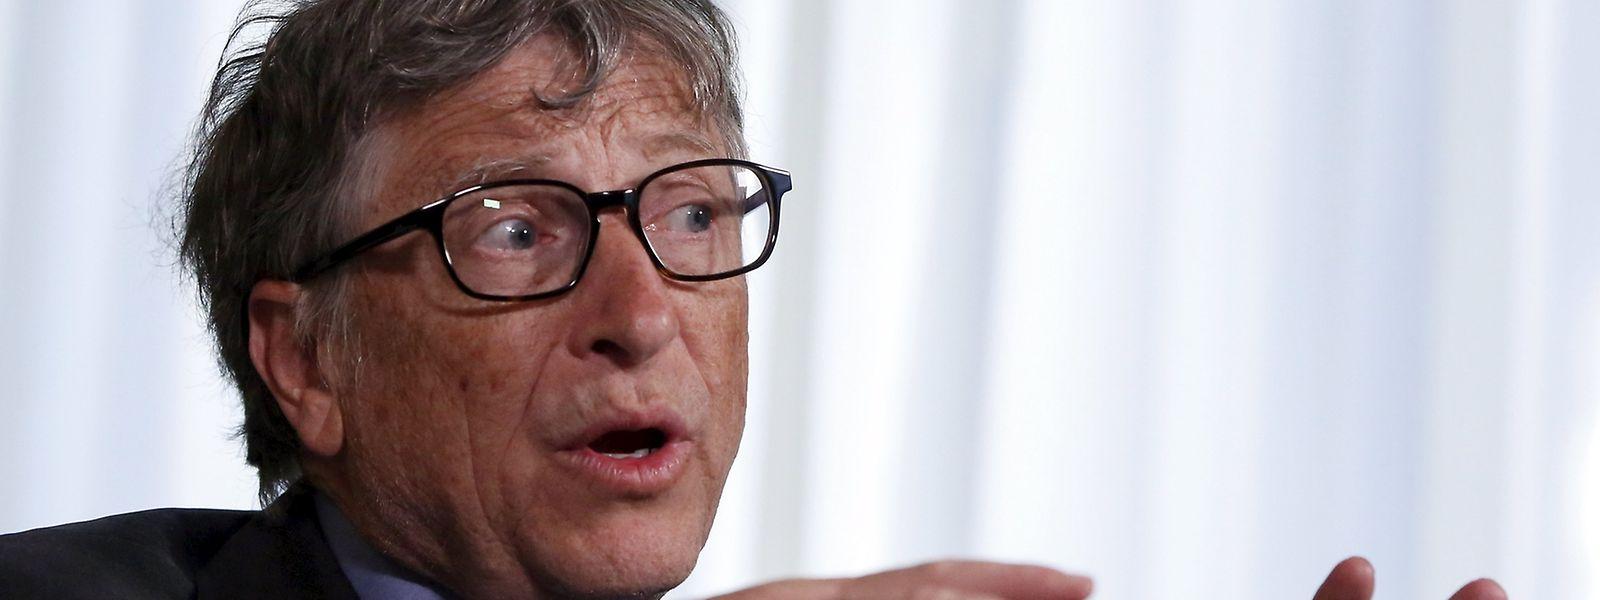 Bill Gates sieht in der FBI-Anfrage keinen Präzedenzfall.